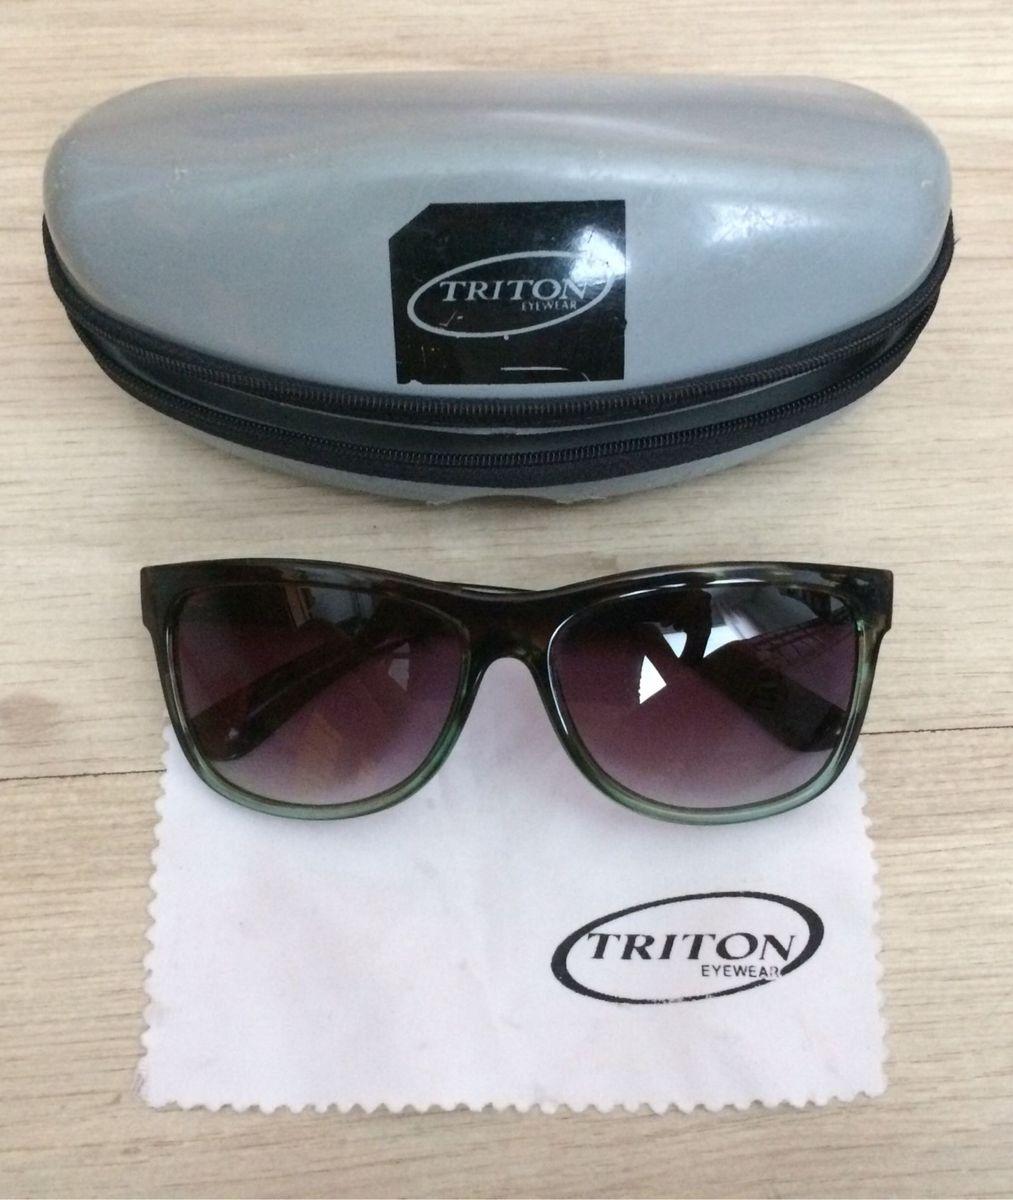 óculos triton - óculos triton.  Czm6ly9wag90b3muzw5qb2vplmnvbs5ici9wcm9kdwn0cy8xmti5odi2l2qwmgy3zgq0odlhyzq4mgu2zjyzytuwzwnjnwyyztczlmpwzw  ... 3c9e68dd4b